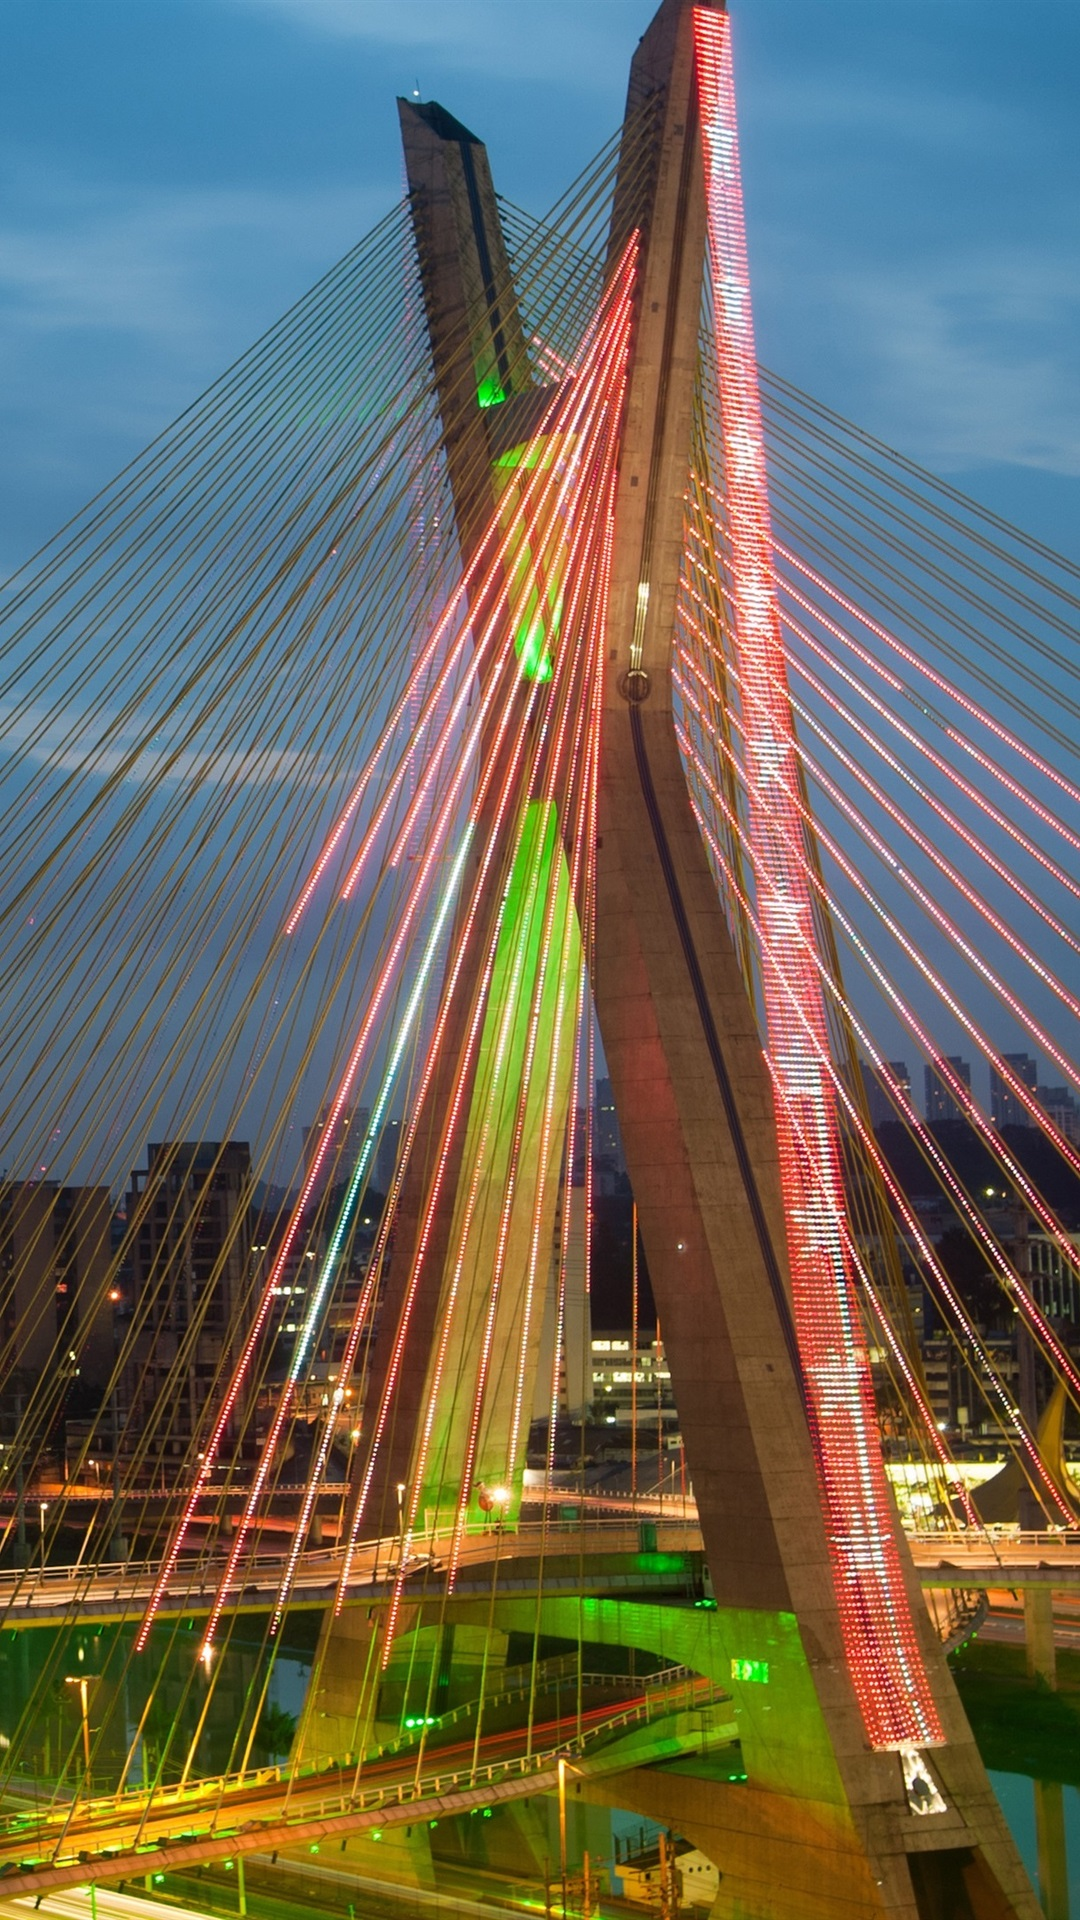 ブラジル サンパウロ チェーンブリッジ 川 夜間 照明